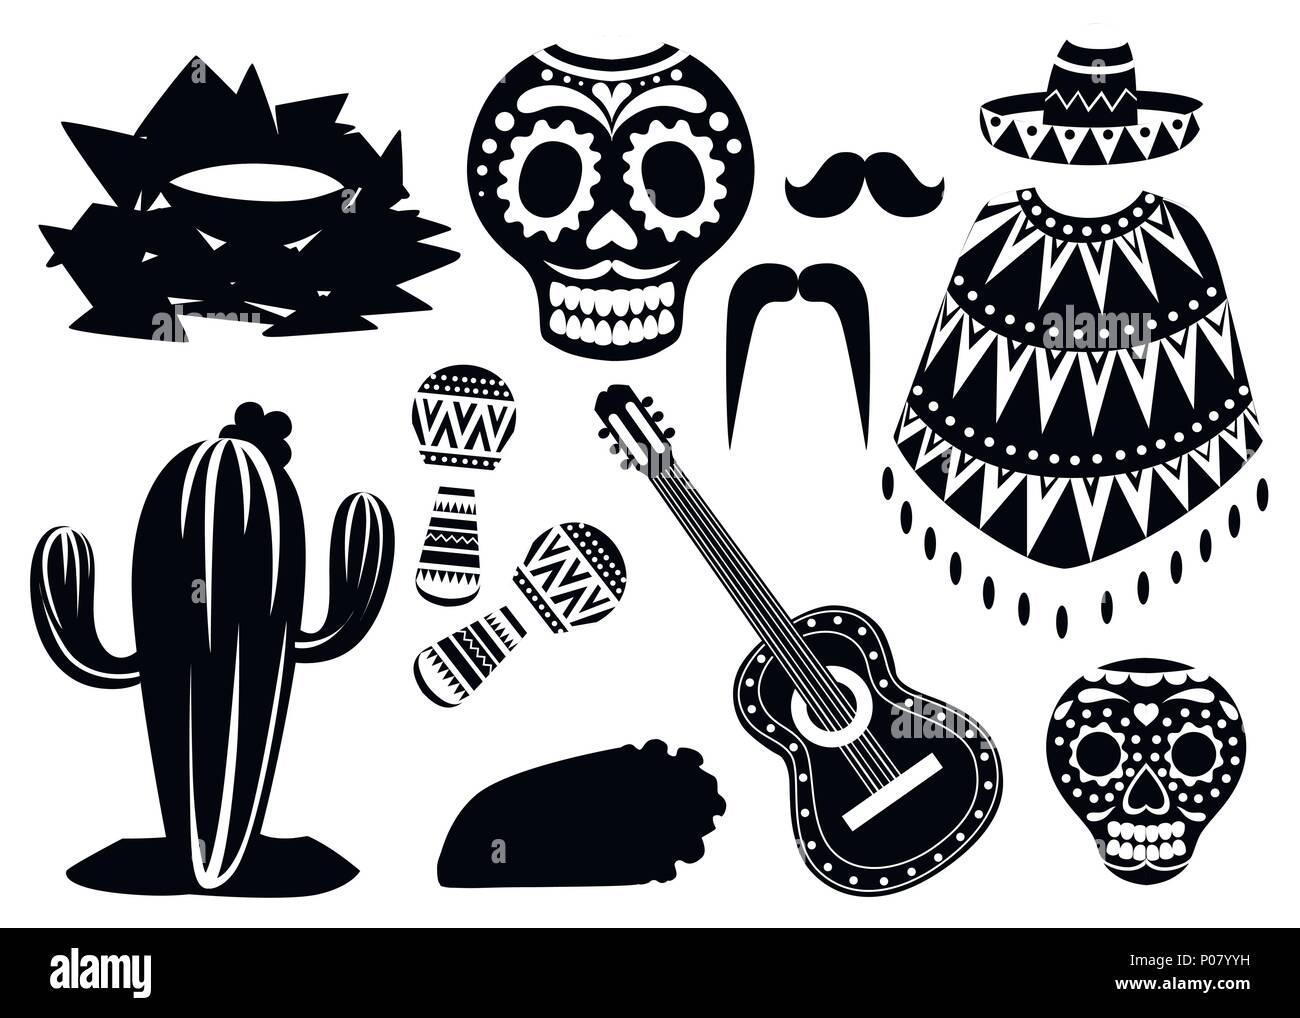 México Símbolos En Blanco Y Negro Iconos Vectoriales De México